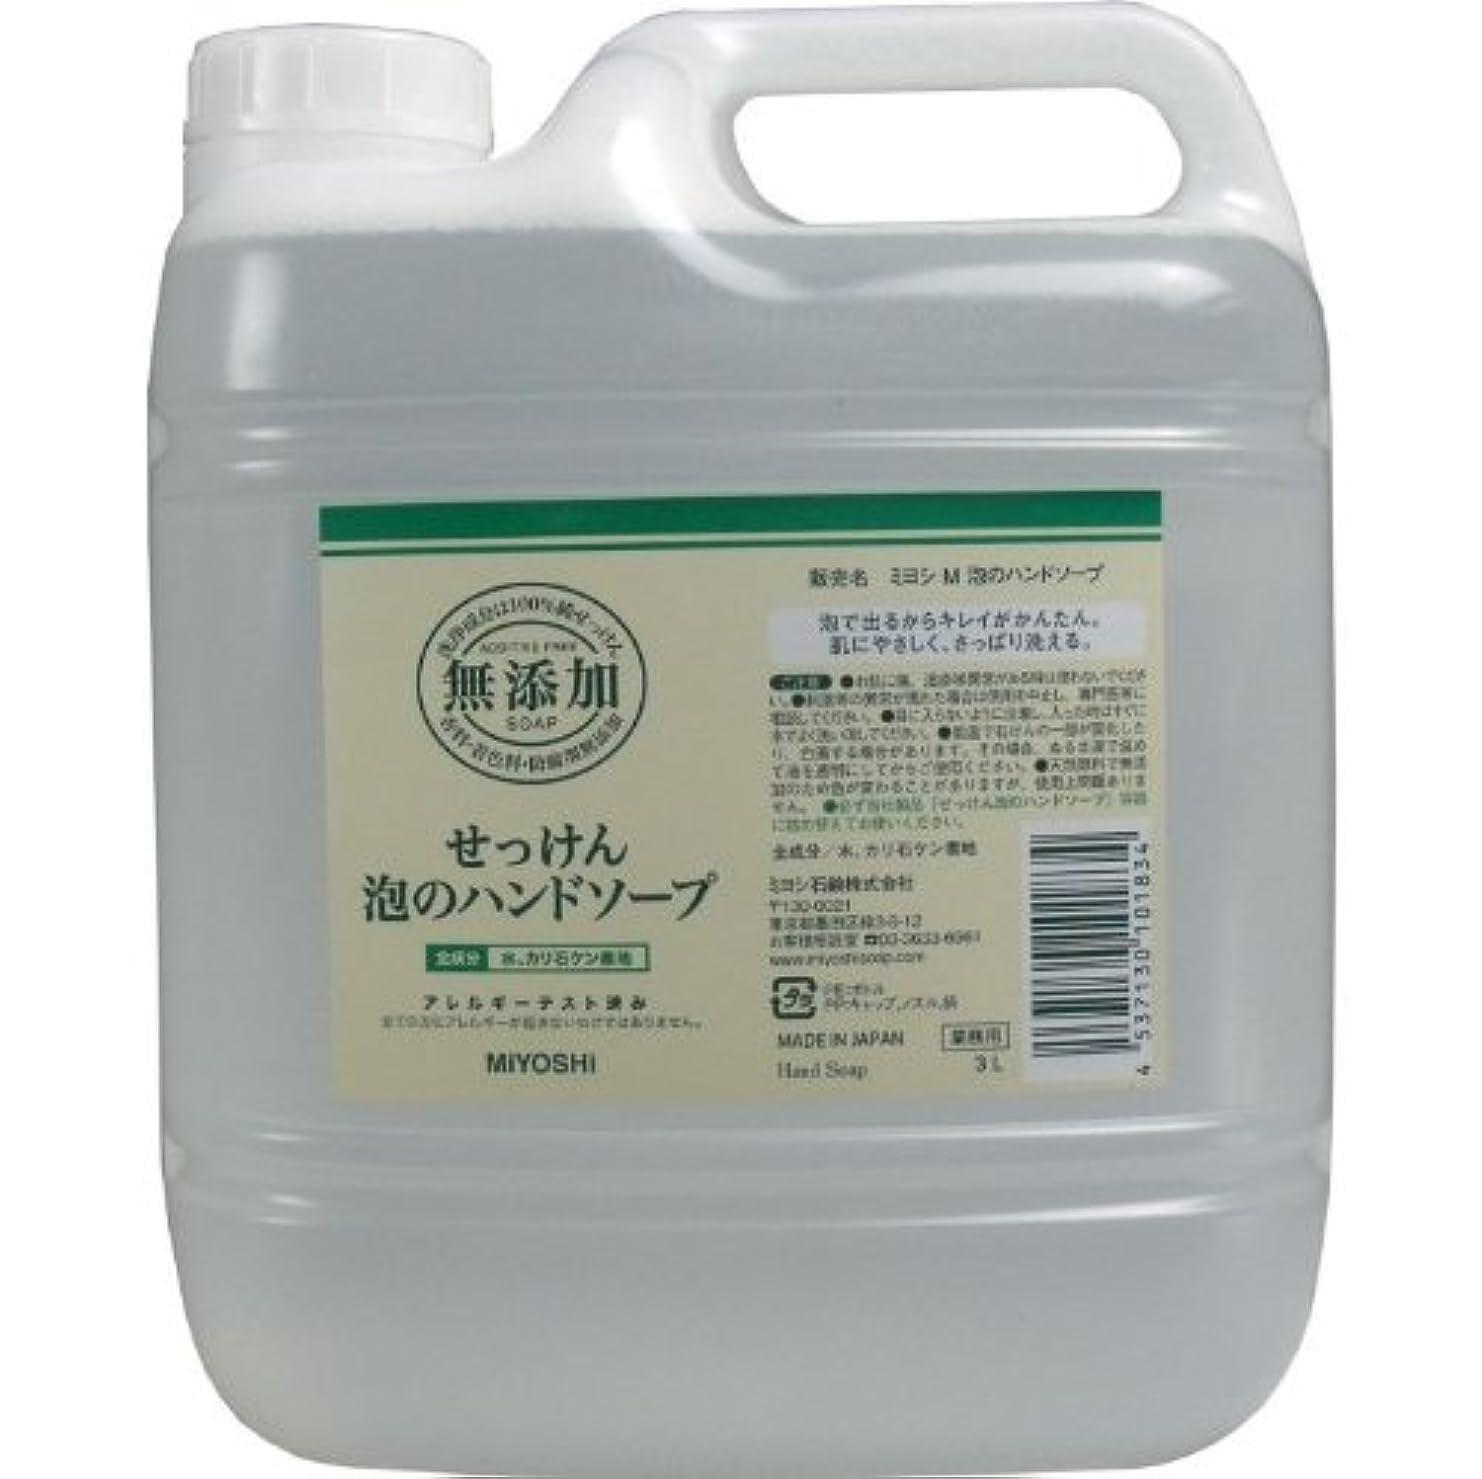 日付付き当社倒錯泡で出るからキレイが簡単!家事の間のサッと洗いも簡単!香料、着色料、防腐剤無添加!(業務用)3L